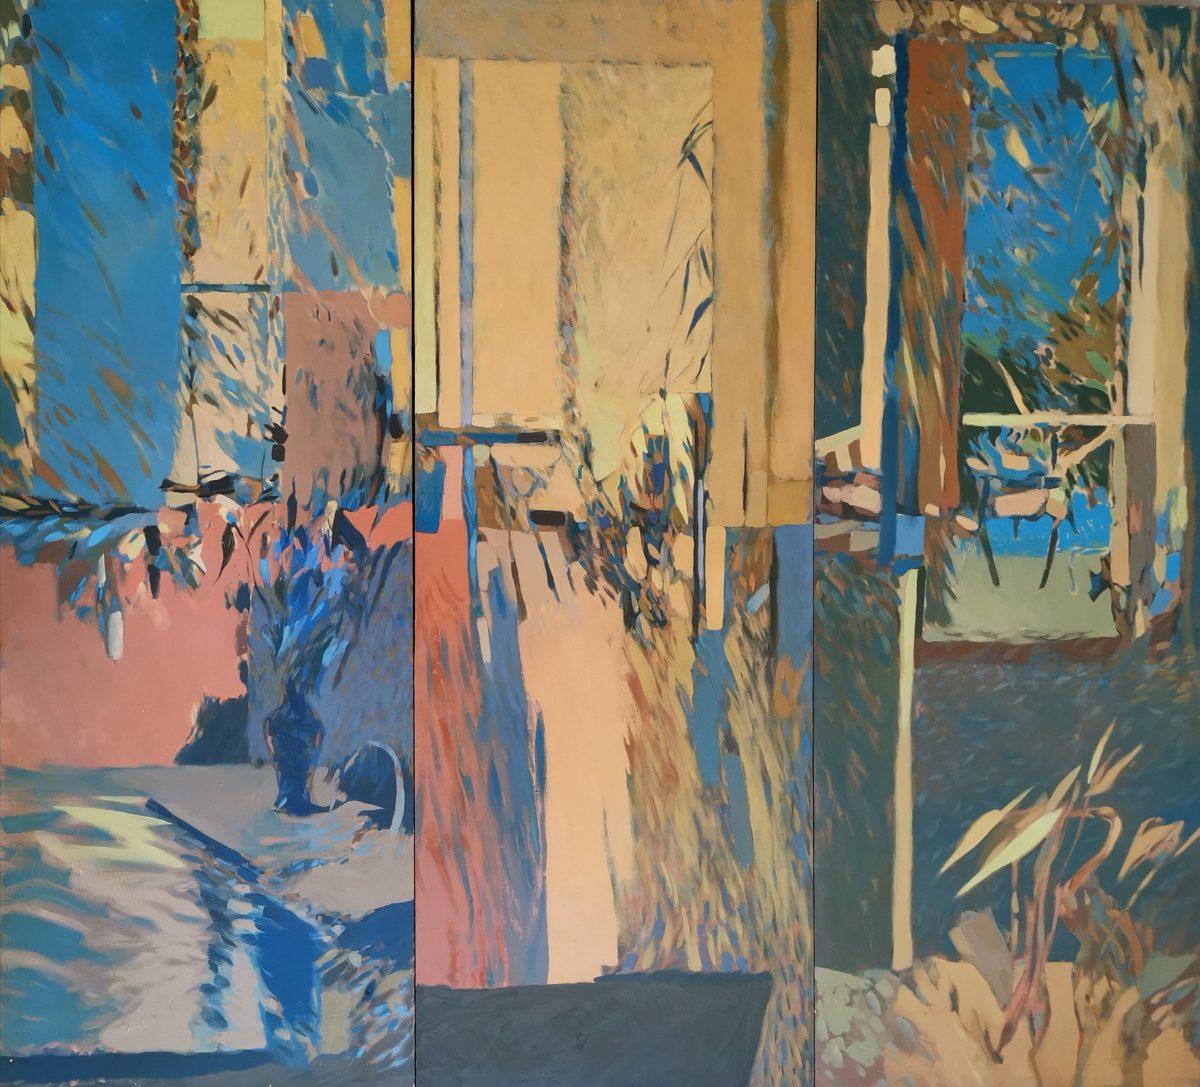 Andrew Verster - 3 panel door painting - circa 1980's